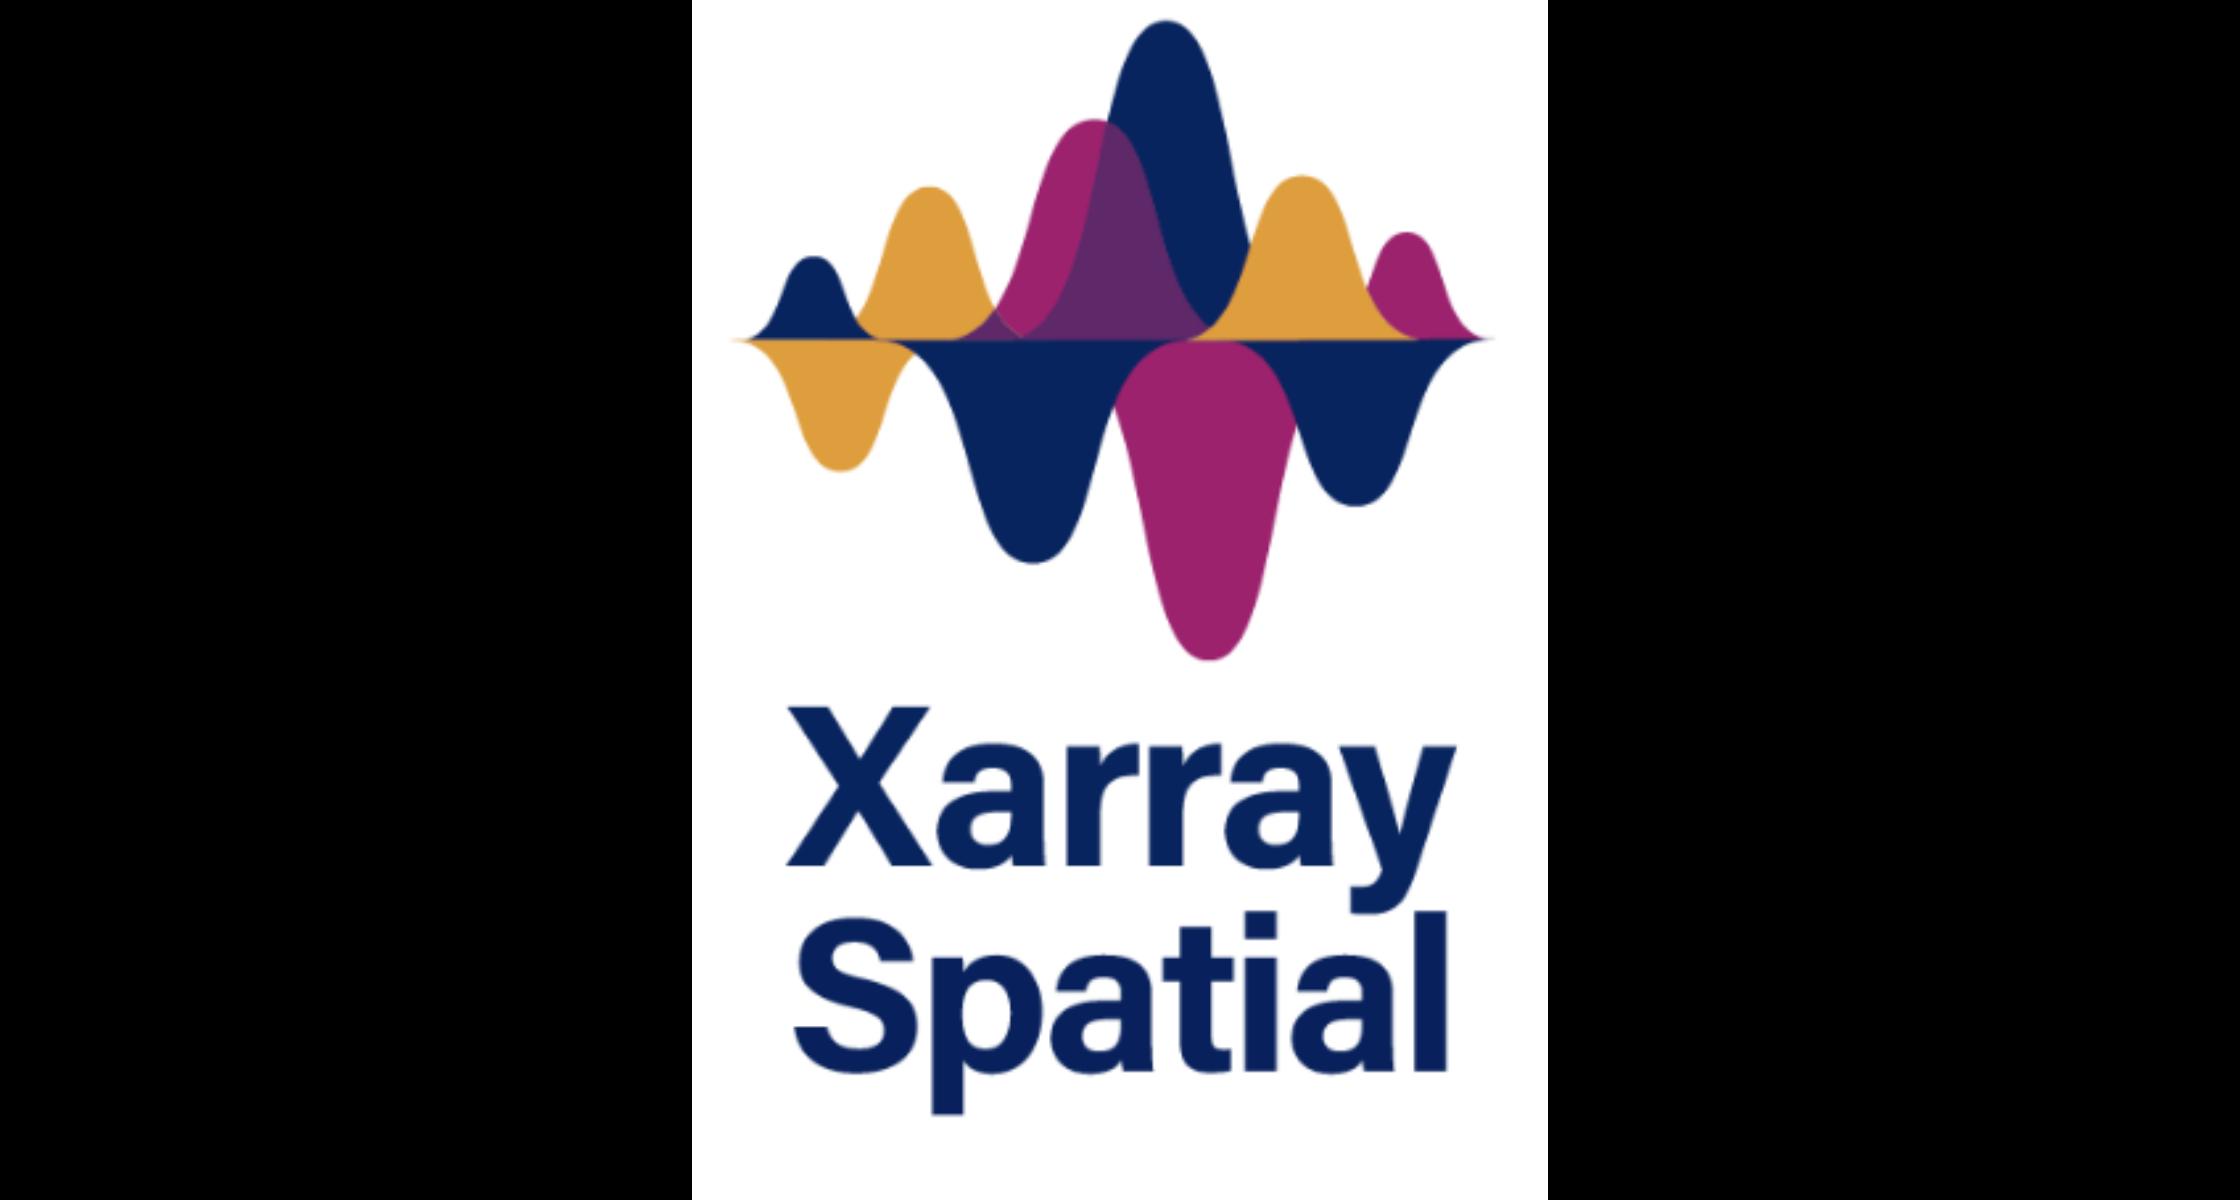 Xarray-Spatial Logo Banner Image